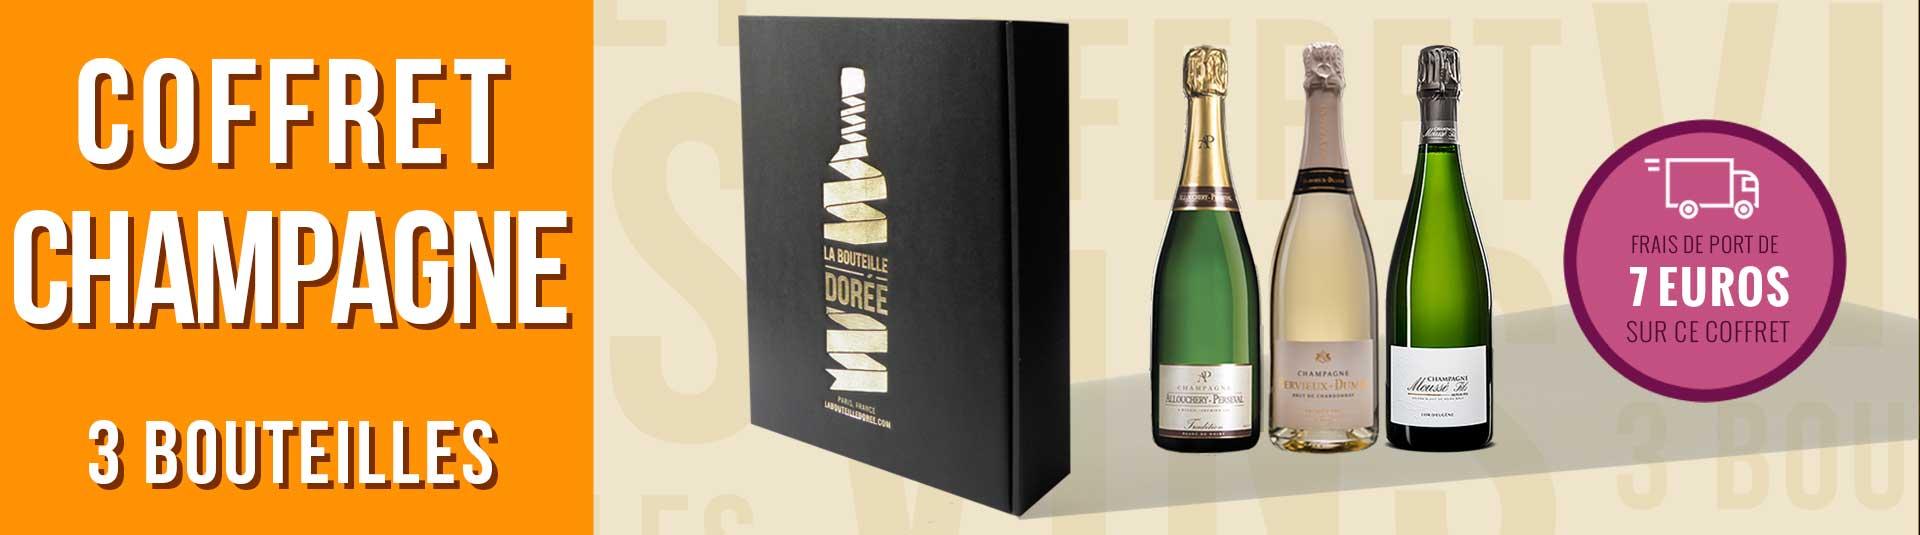 Coffret Champagne Cépages champenois 3 bouteilles